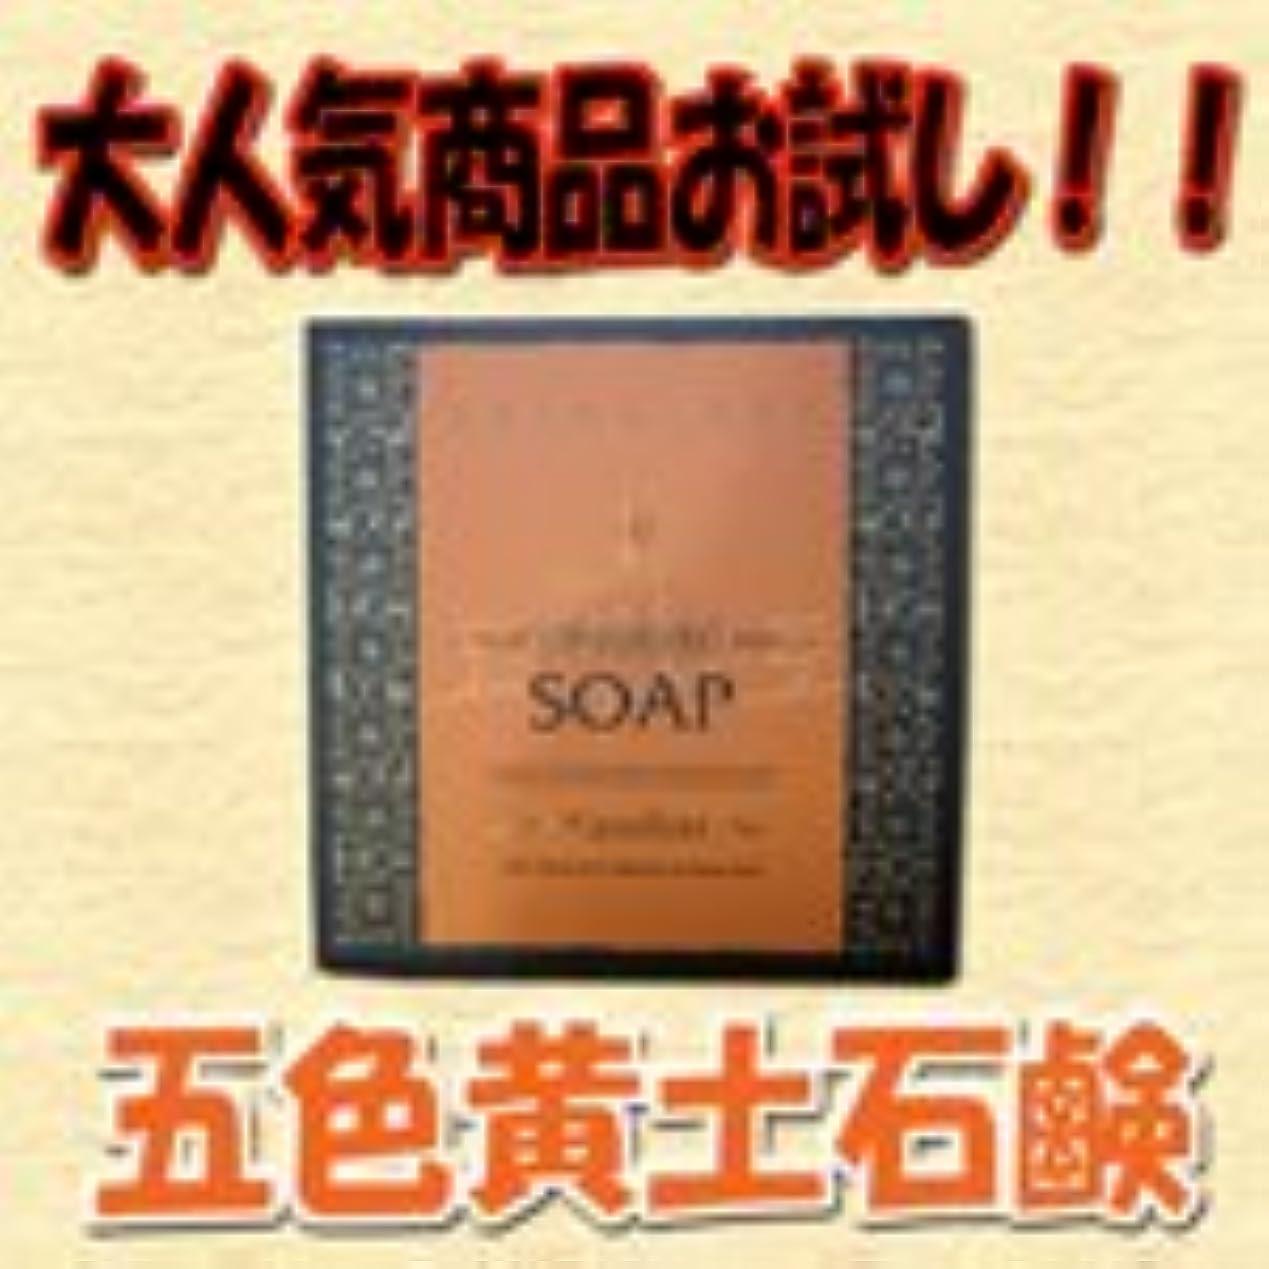 五色黄土石鹸 トライアルセット 20g 1個入り 【天然ミネラル】